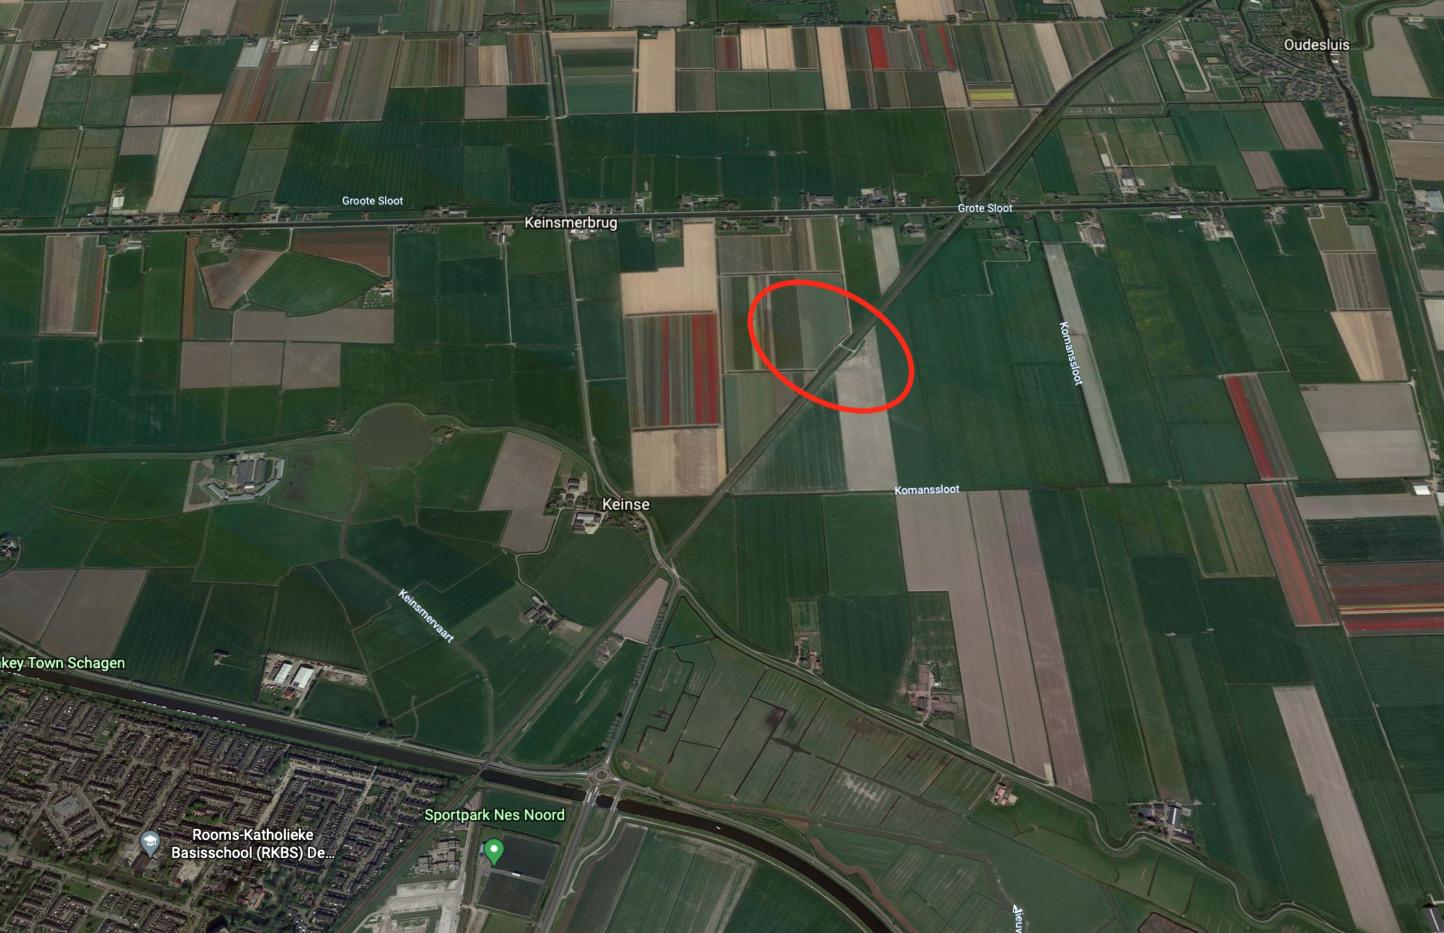 Een onbeveiligde spoorwegovergang bij Oudesluis? Waar zit die dan? Nou... midden in een weiland dus. En ook die moet op de schop